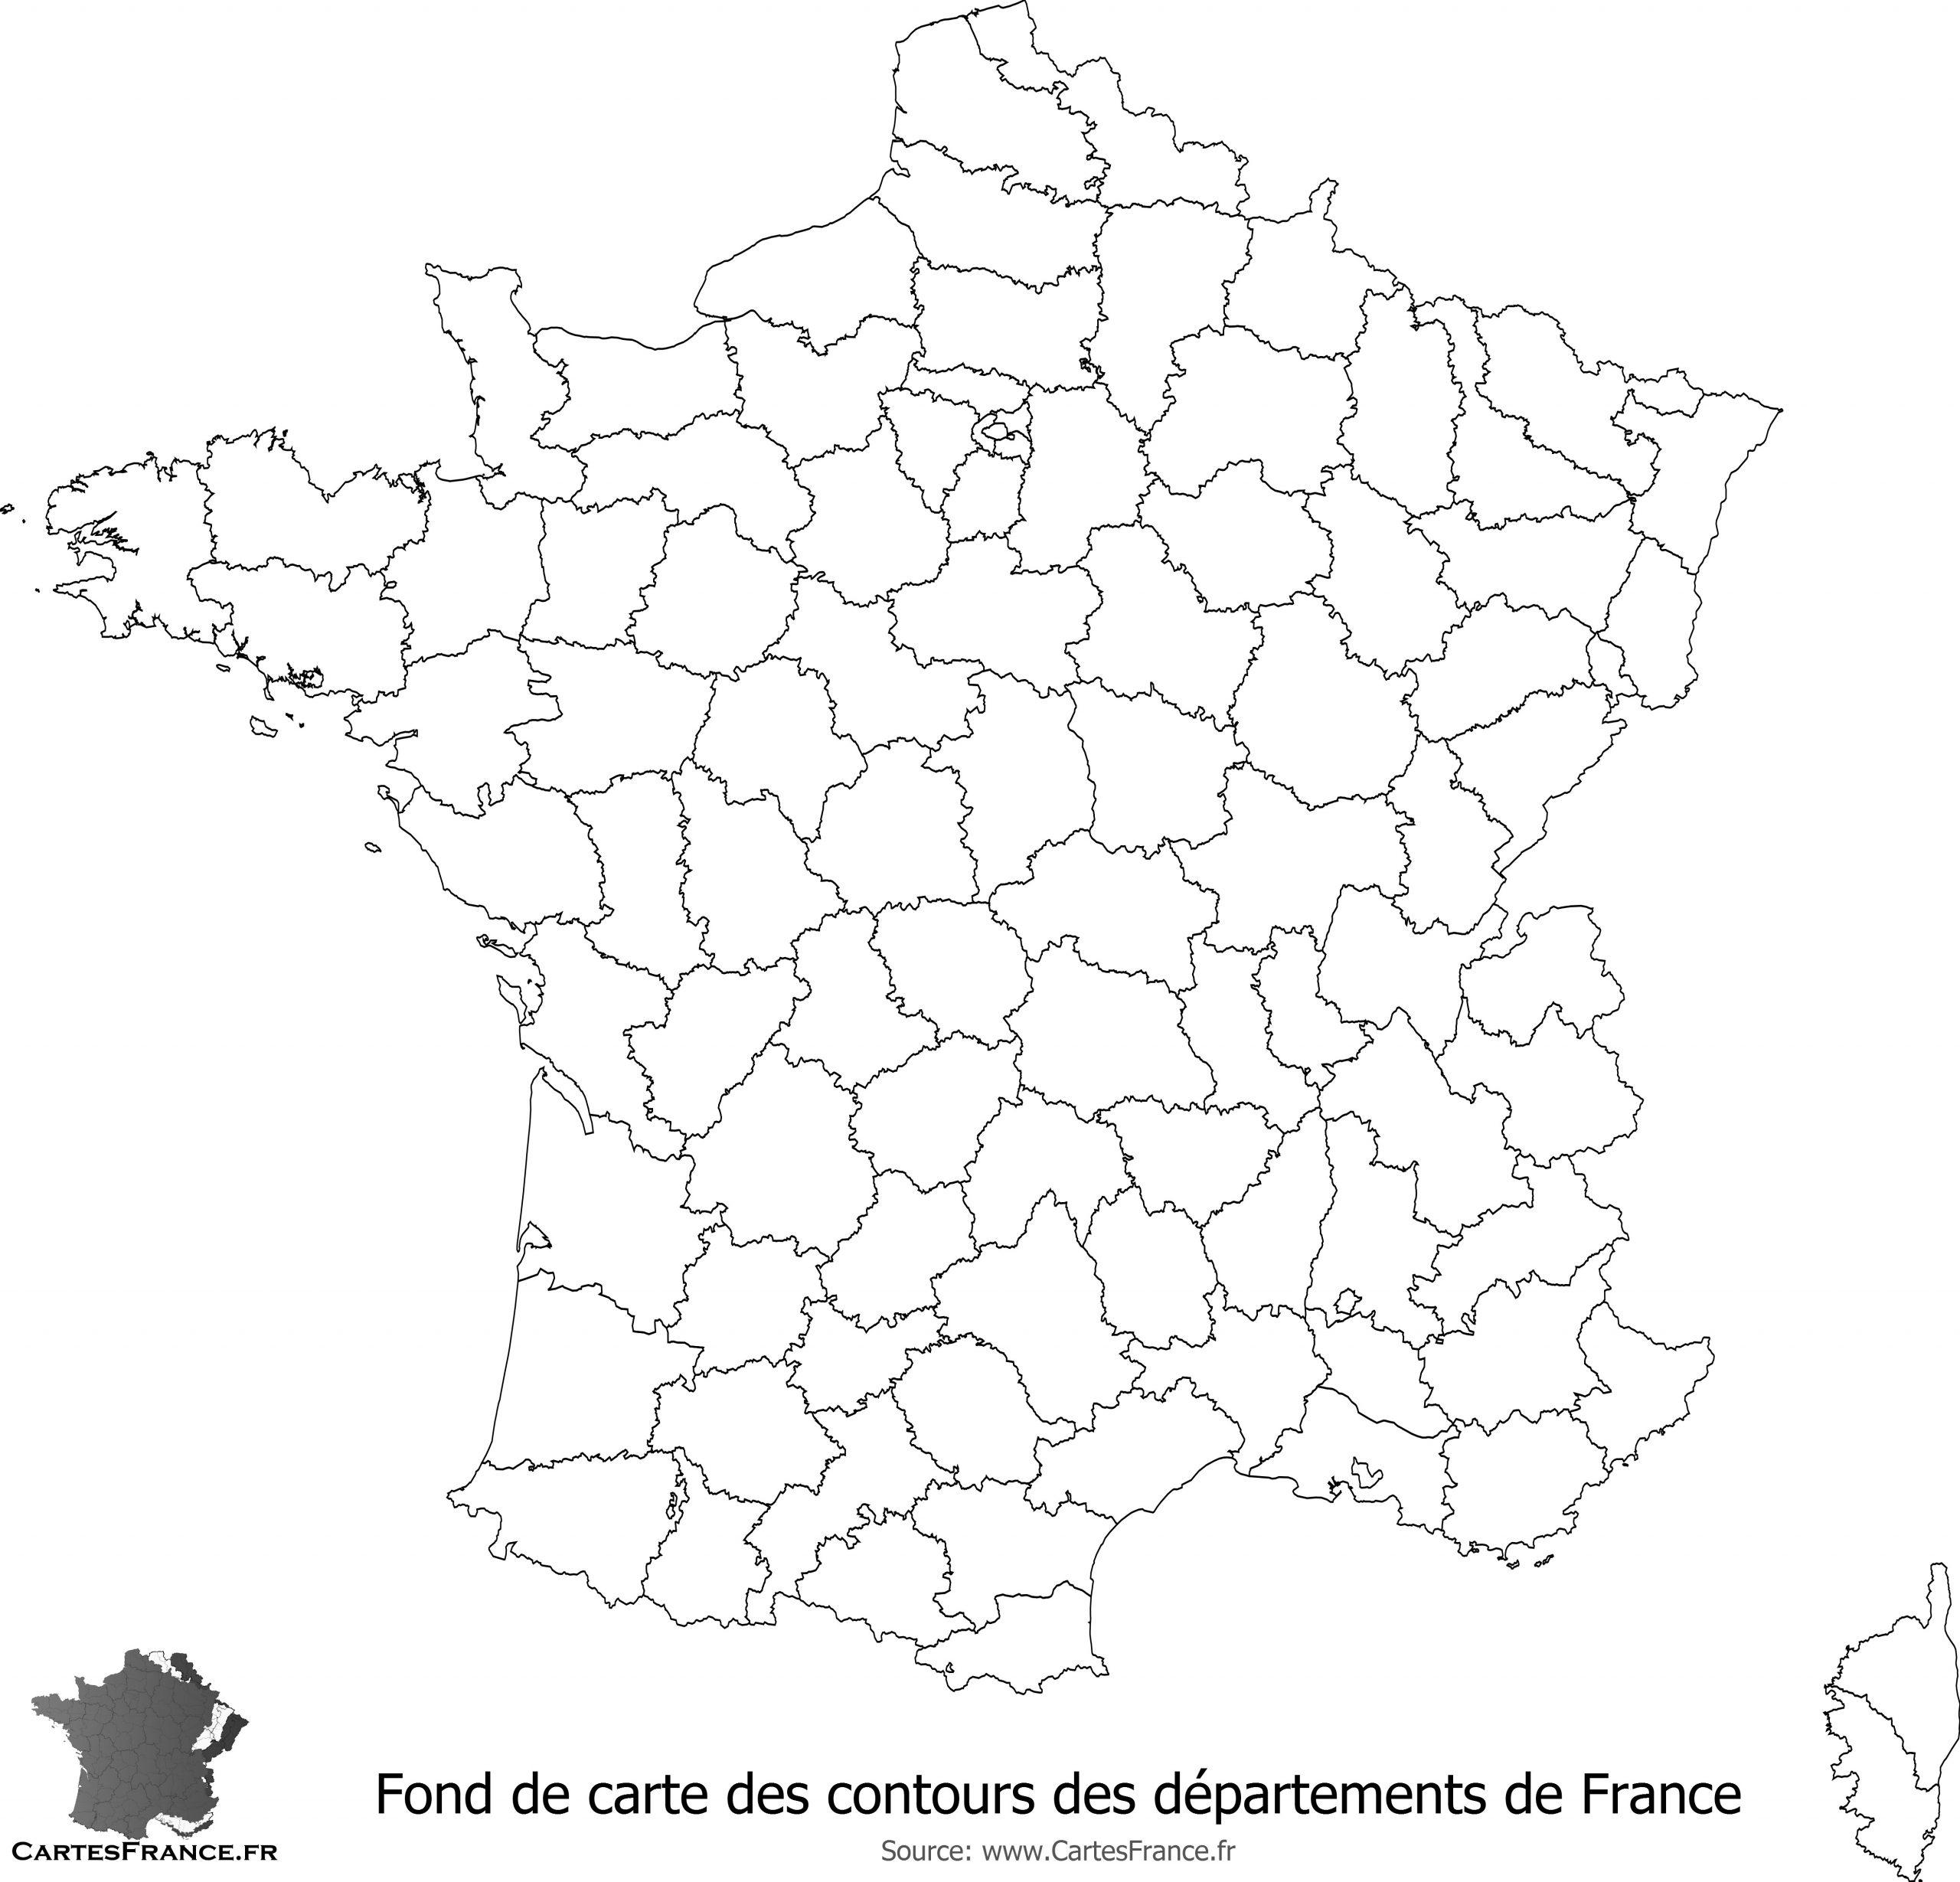 Fond De Carte Des Contours Des Départements De France à La Carte France Departement